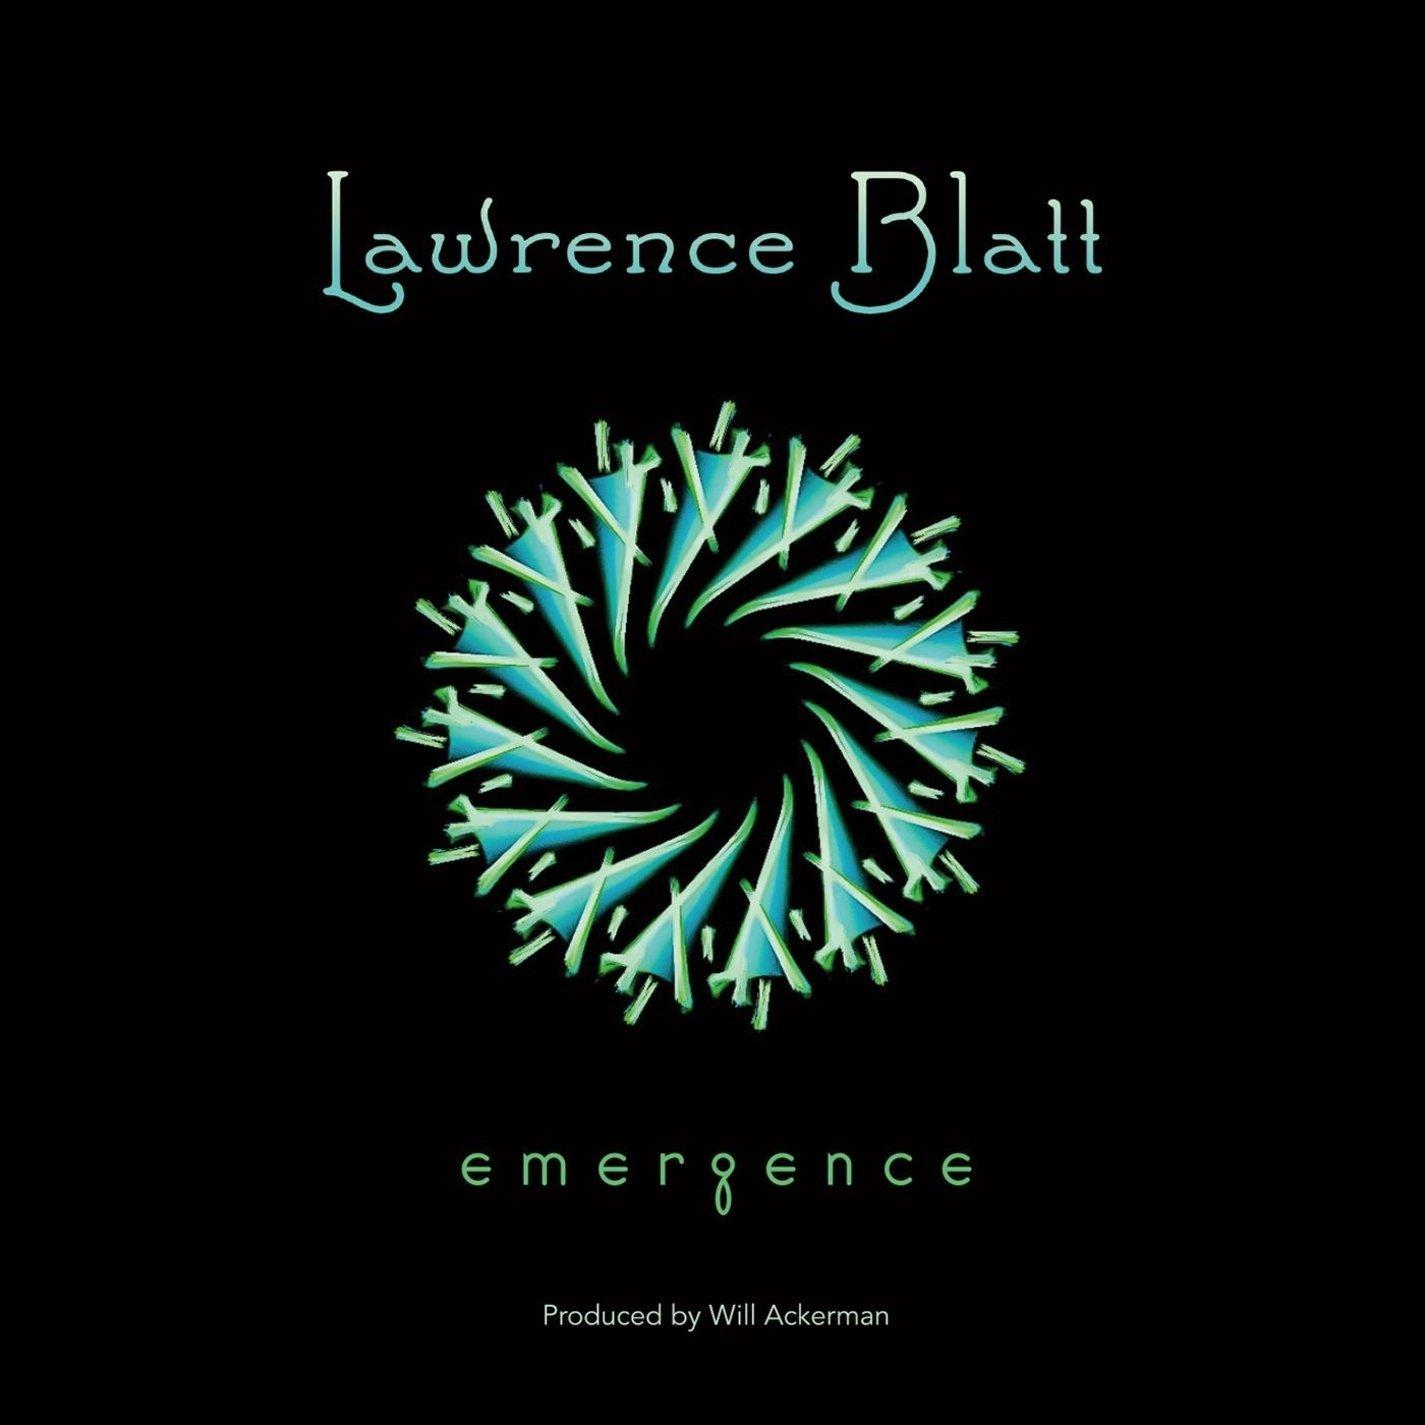 Lawrence Blatt - Emergence - Cover